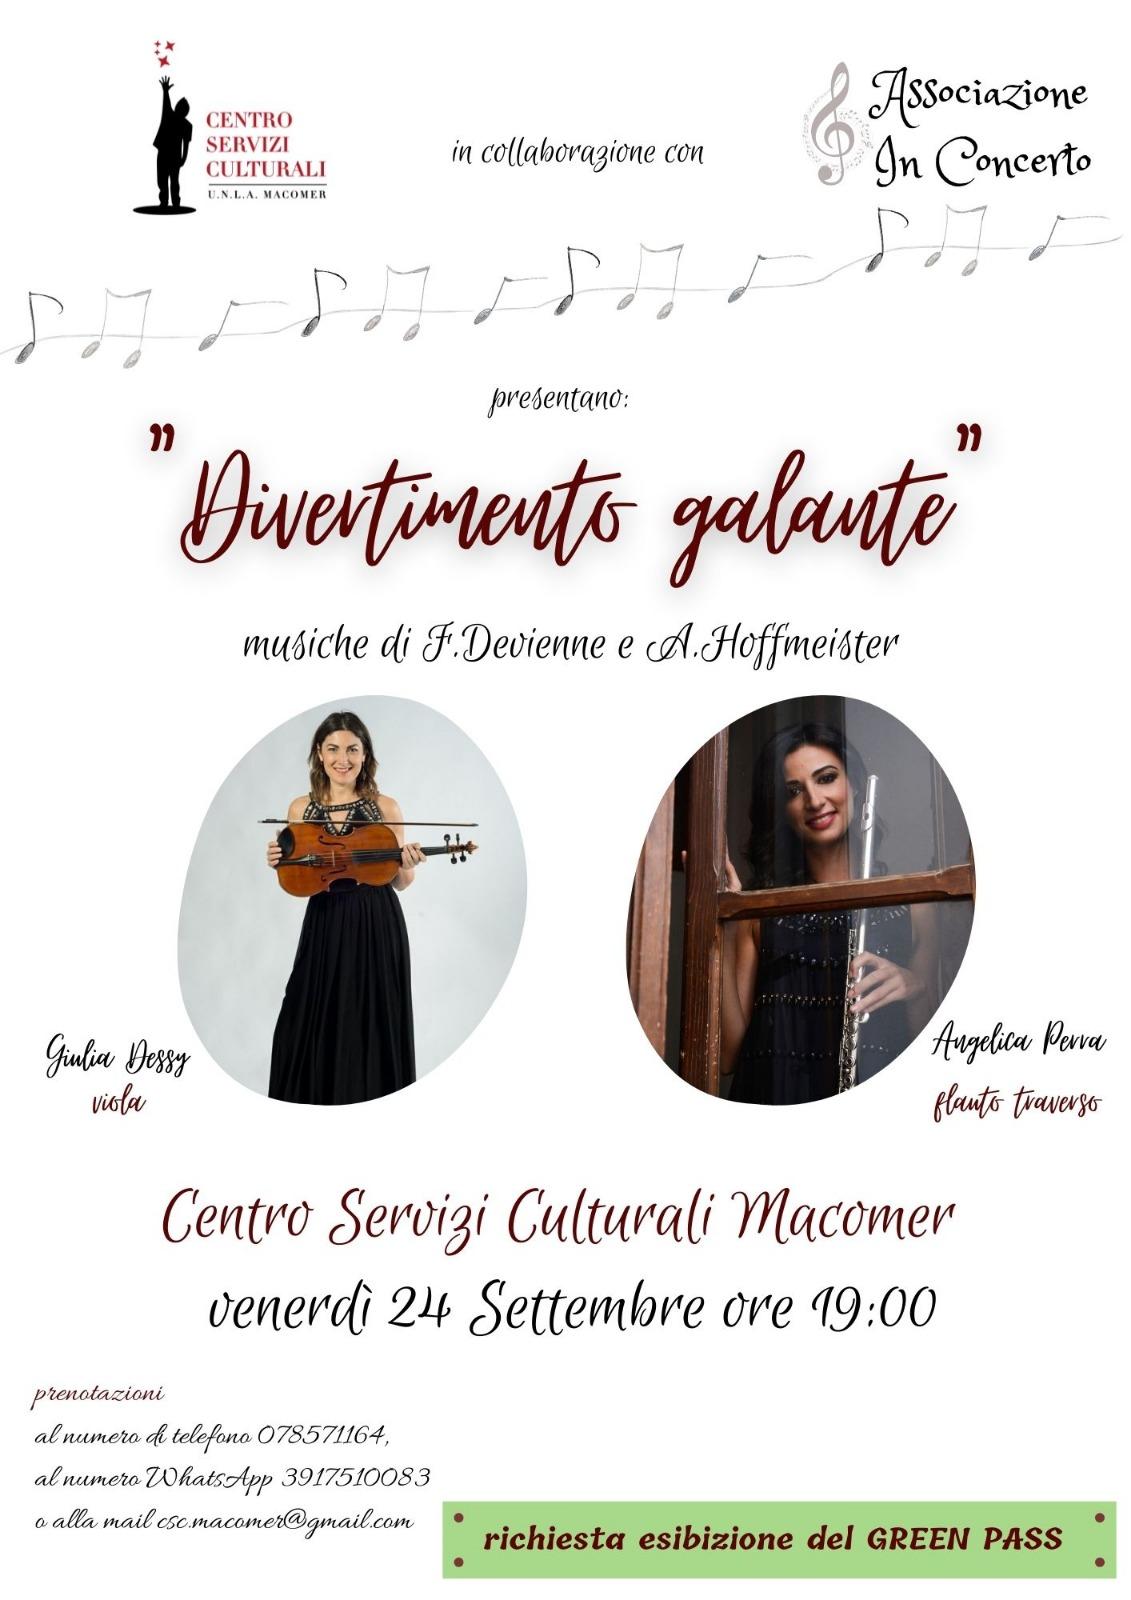 """""""Divertimento galante""""  concerto a cura delle musiciste Giulia Dessy alla viola e Angelica Perra al flauto traverso."""